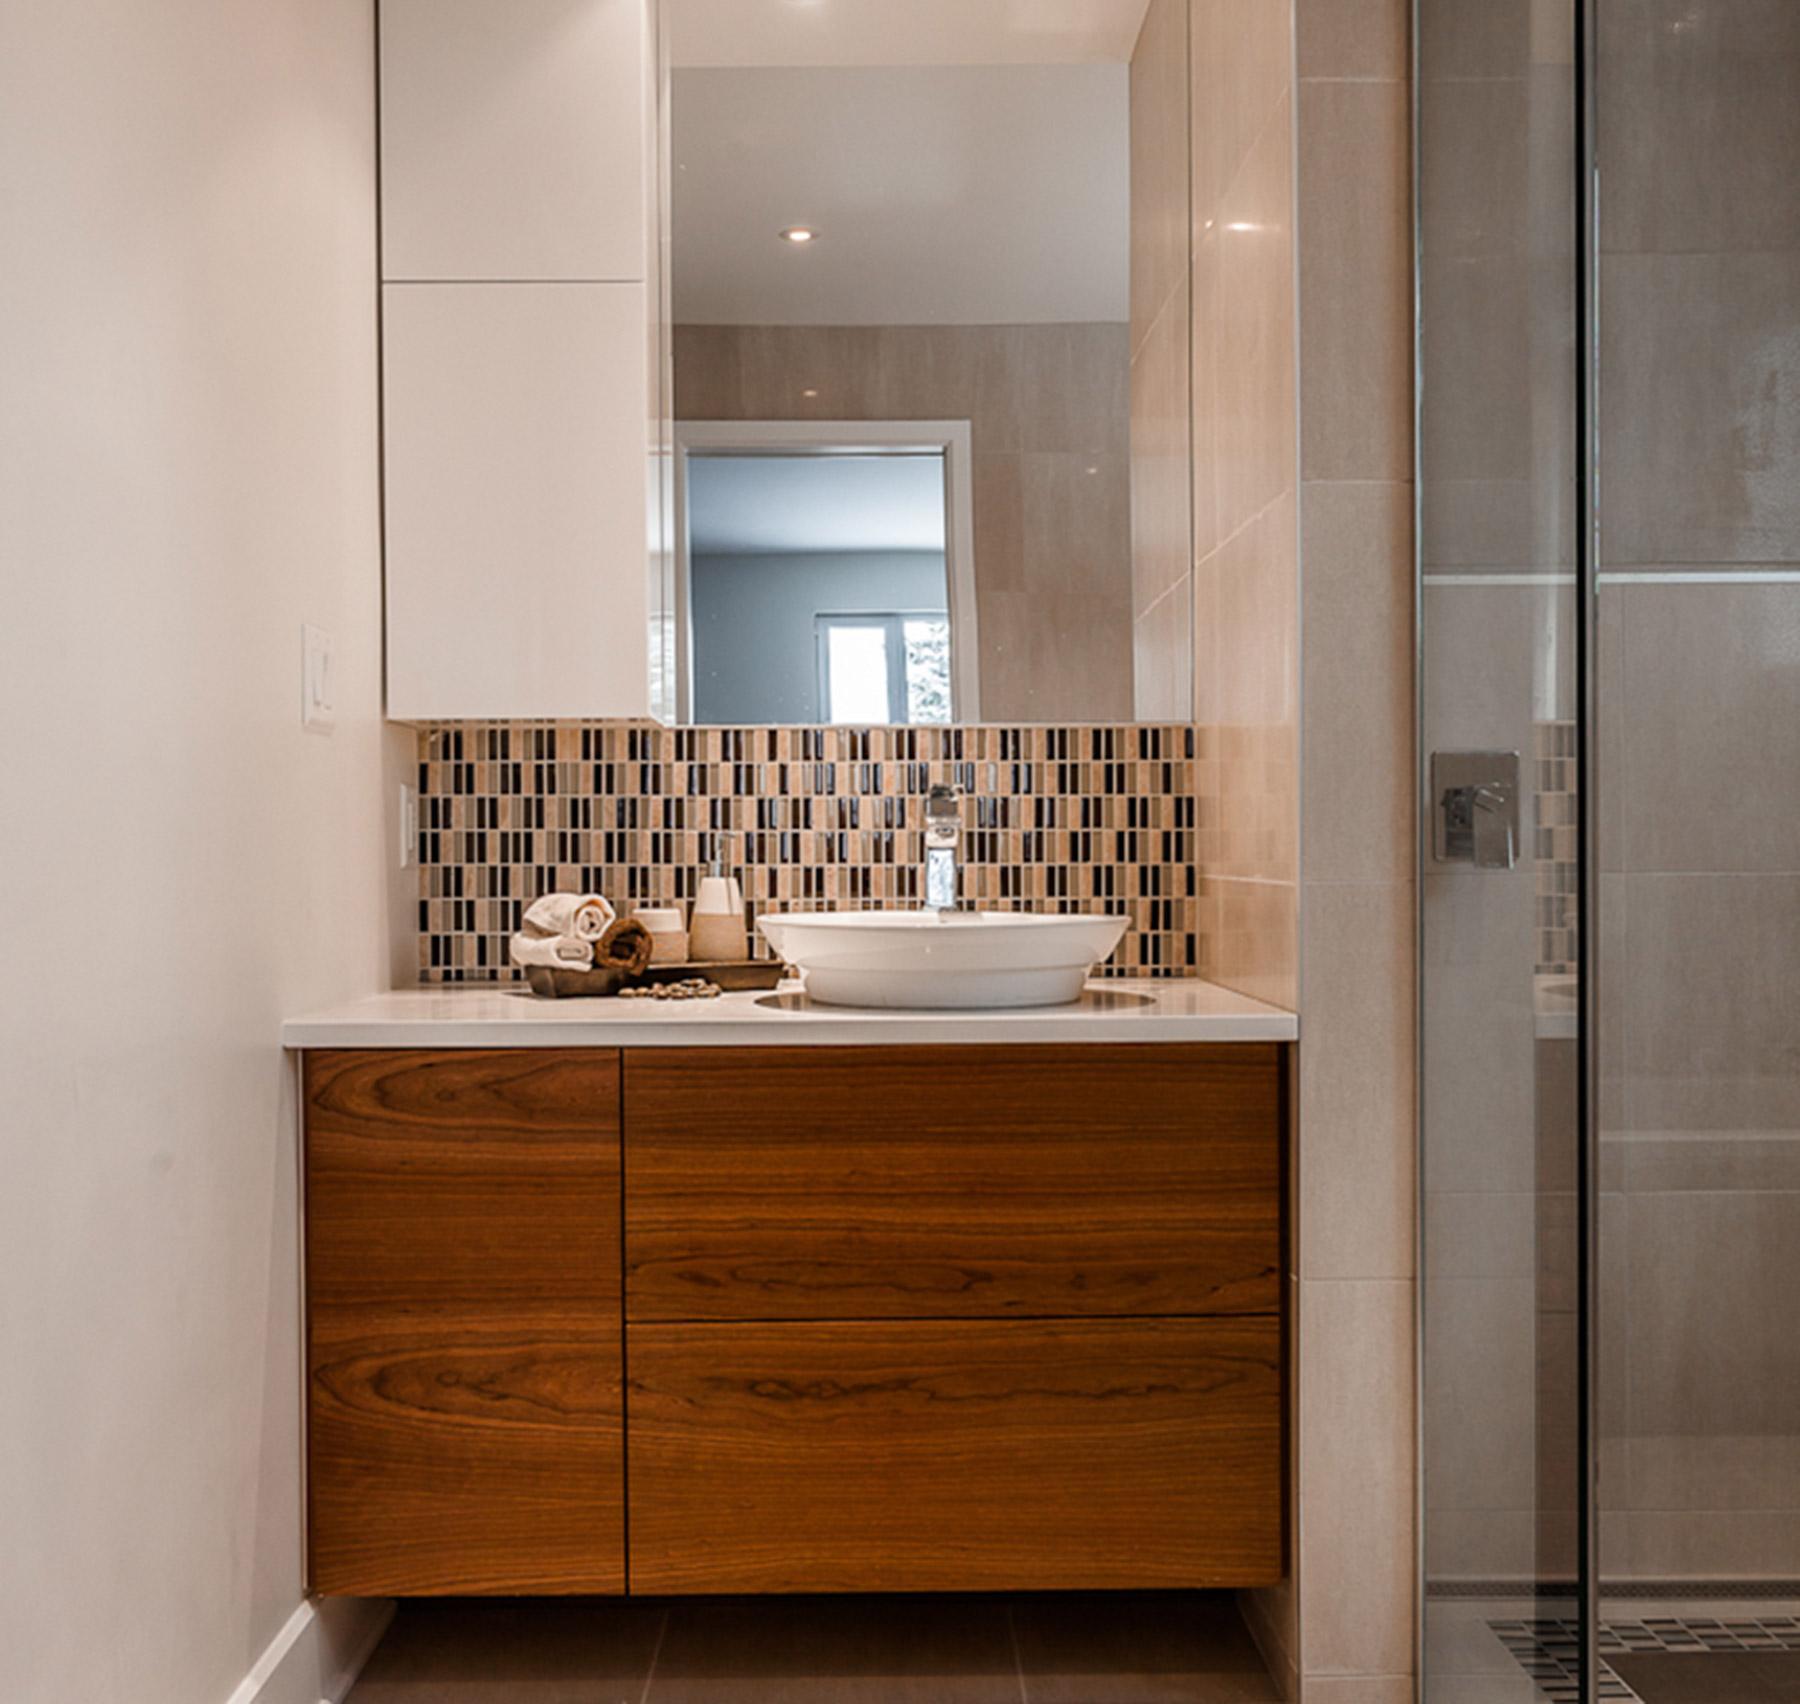 Salle de bains petite et moderne armoires de salle de bain for Petite armoire salle de bain a suspendre